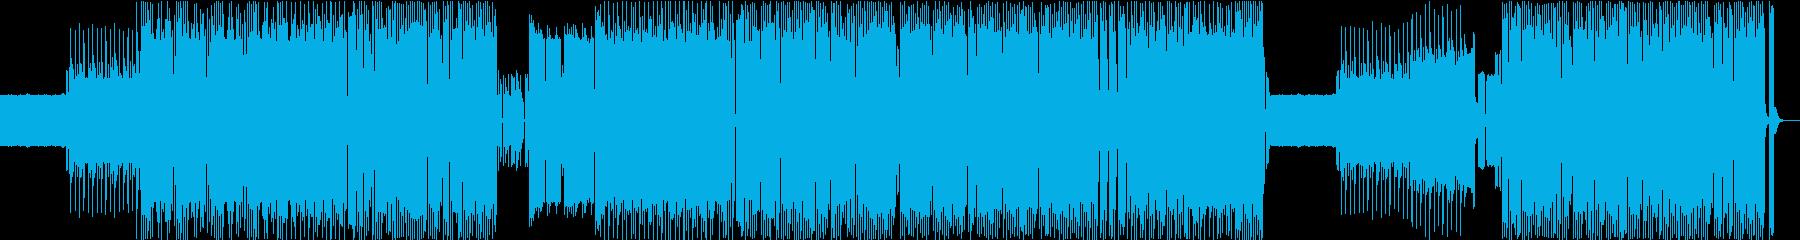 8bit風BGM・ゲーム・バトルの再生済みの波形